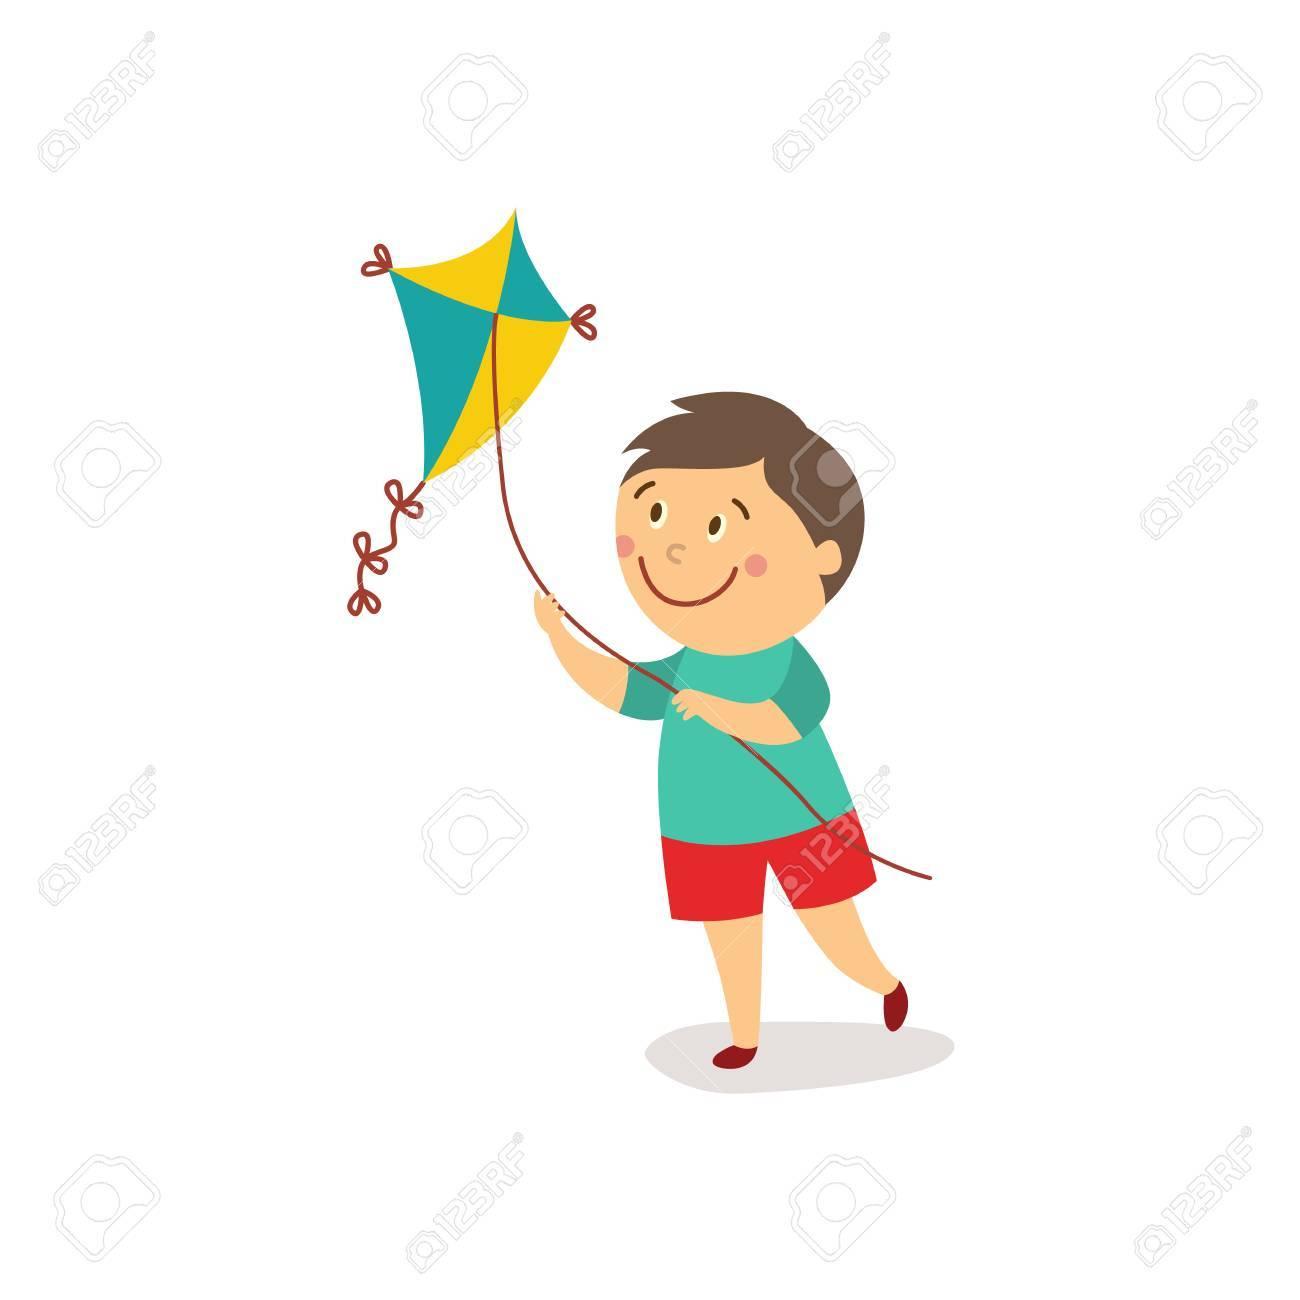 Garcon De Dessin Anime Plat Vecteur Kid Lancement Colore Cerf Volant Souriant Activite Des Enfants Dans Un Concept De Jardin Illustration Isolee Sur Un Fond Blanc Clip Art Libres De Droits Vecteurs